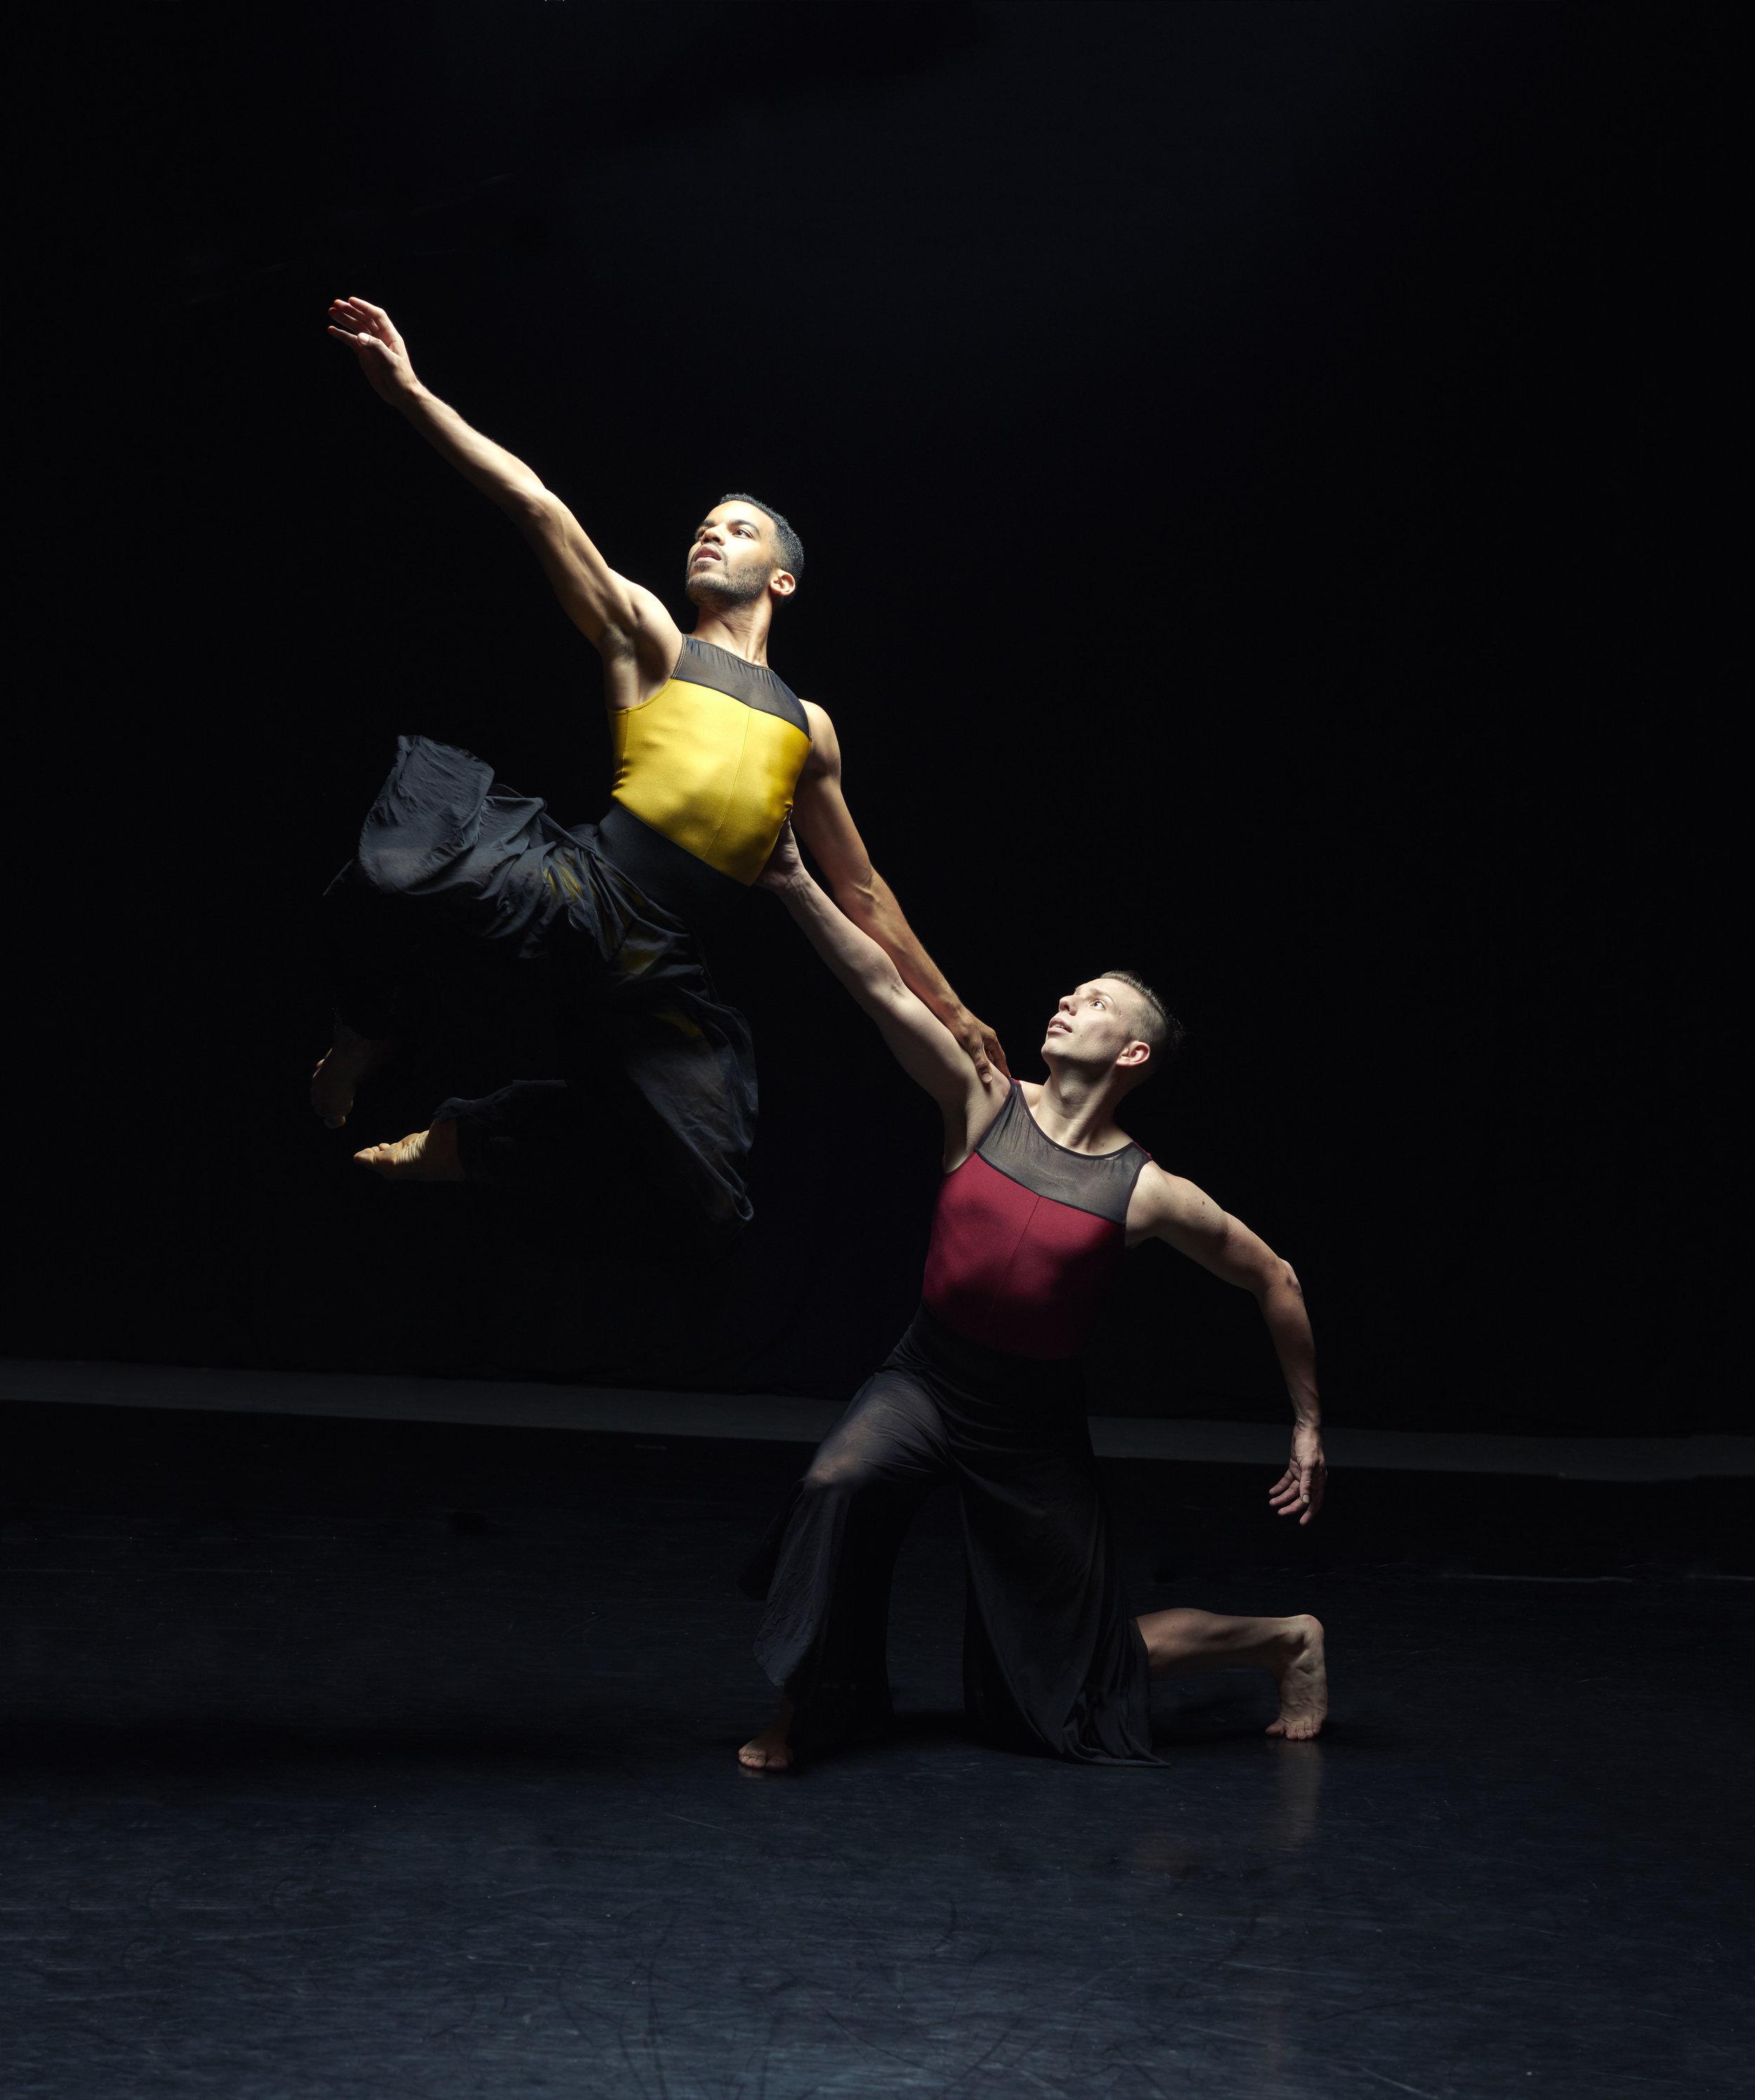 Owen Cox Dance